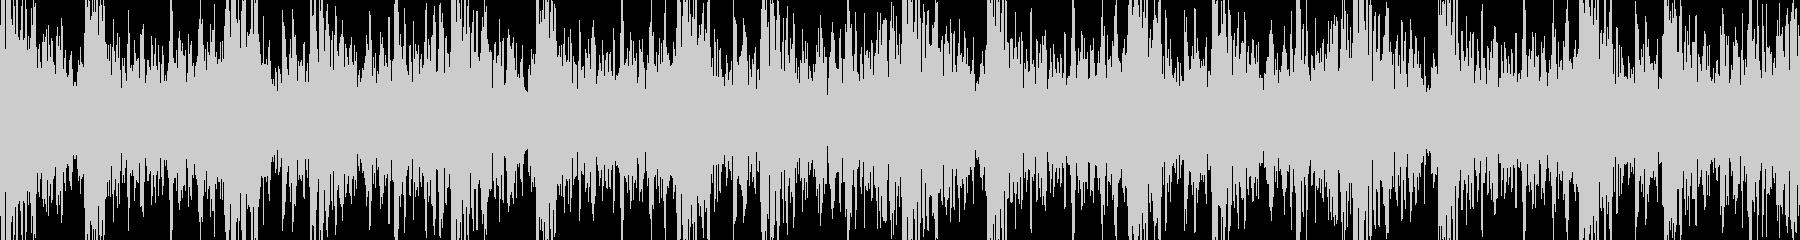 【ループ】和太鼓とドラムの激しい曲調の未再生の波形